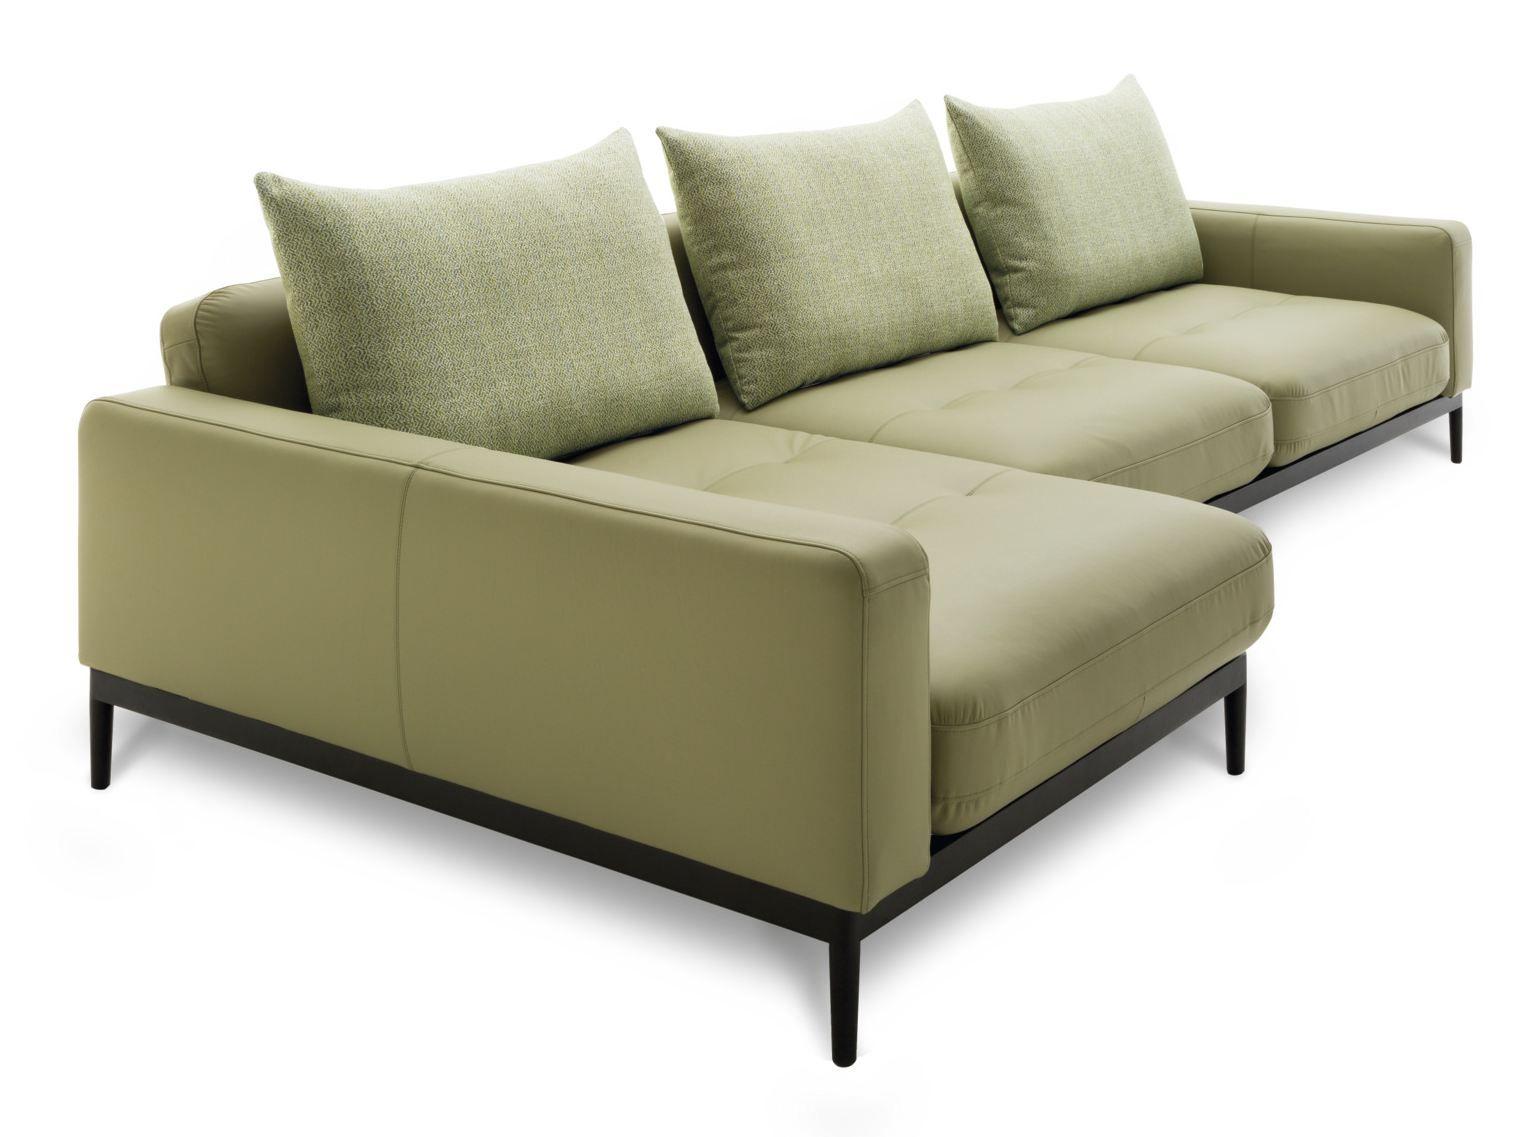 comfortable rolf benz sofa. TIRA | Sofá De Cuero By Rolf Benz Diseño Joachim Nees Comfortable Sofa D